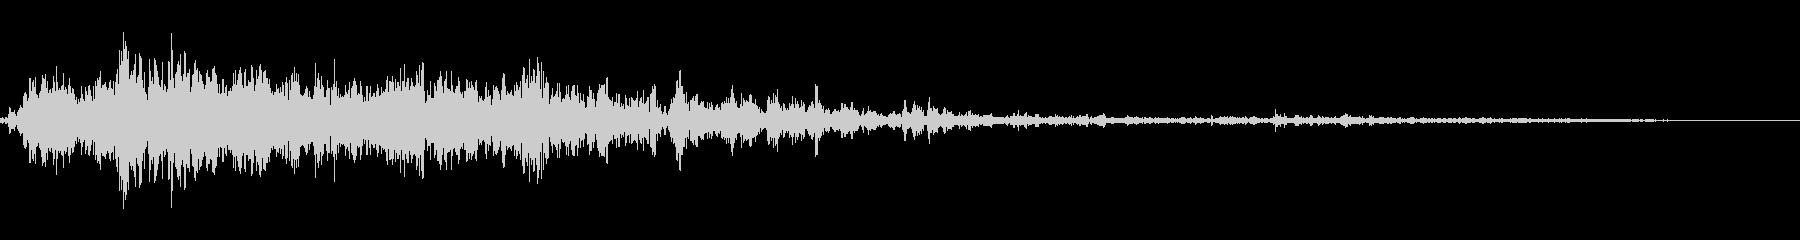 雷の音(ゴロゴロ)の未再生の波形